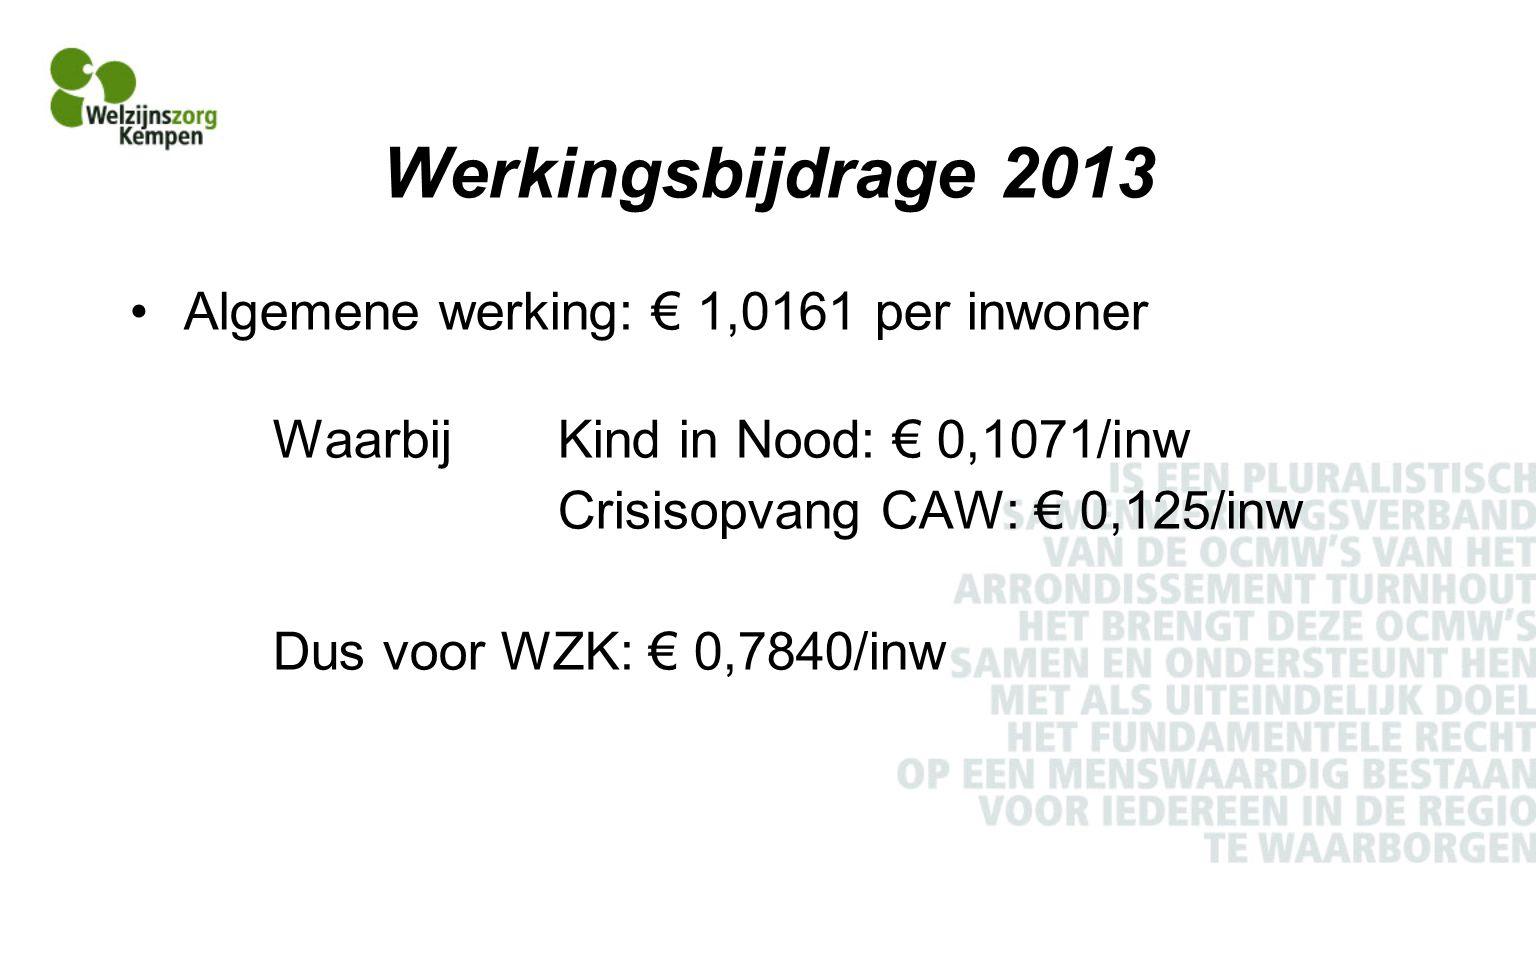 Werkingsbijdrage 2013 Algemene werking: € 1,0161 per inwoner Waarbij Kind in Nood: € 0,1071/inw Crisisopvang CAW: € 0,125/inw Dus voor WZK: € 0,7840/inw